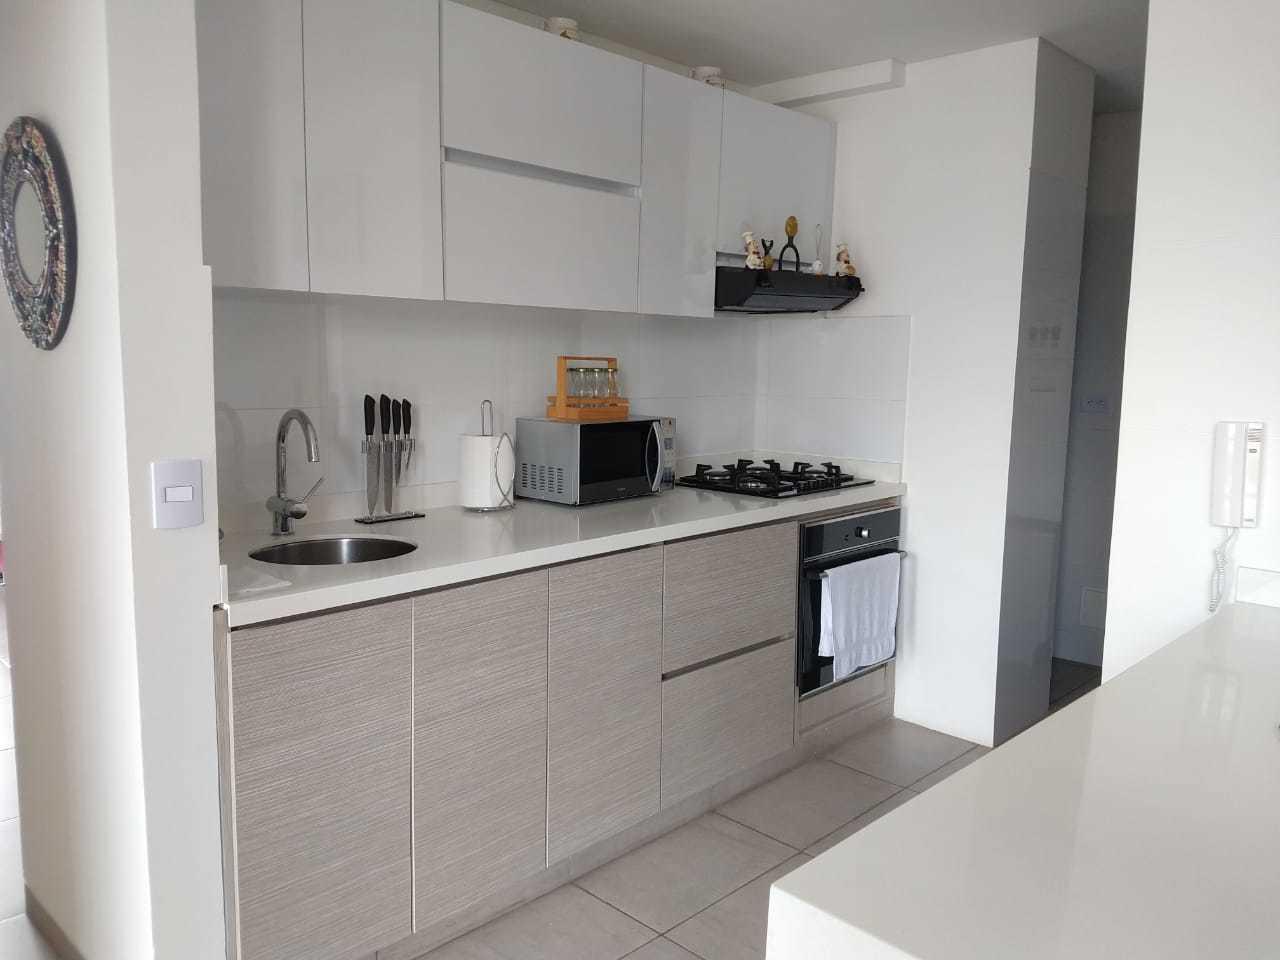 98915 - Apartamento en Venta en Zona Fundadores Norte de Armenia